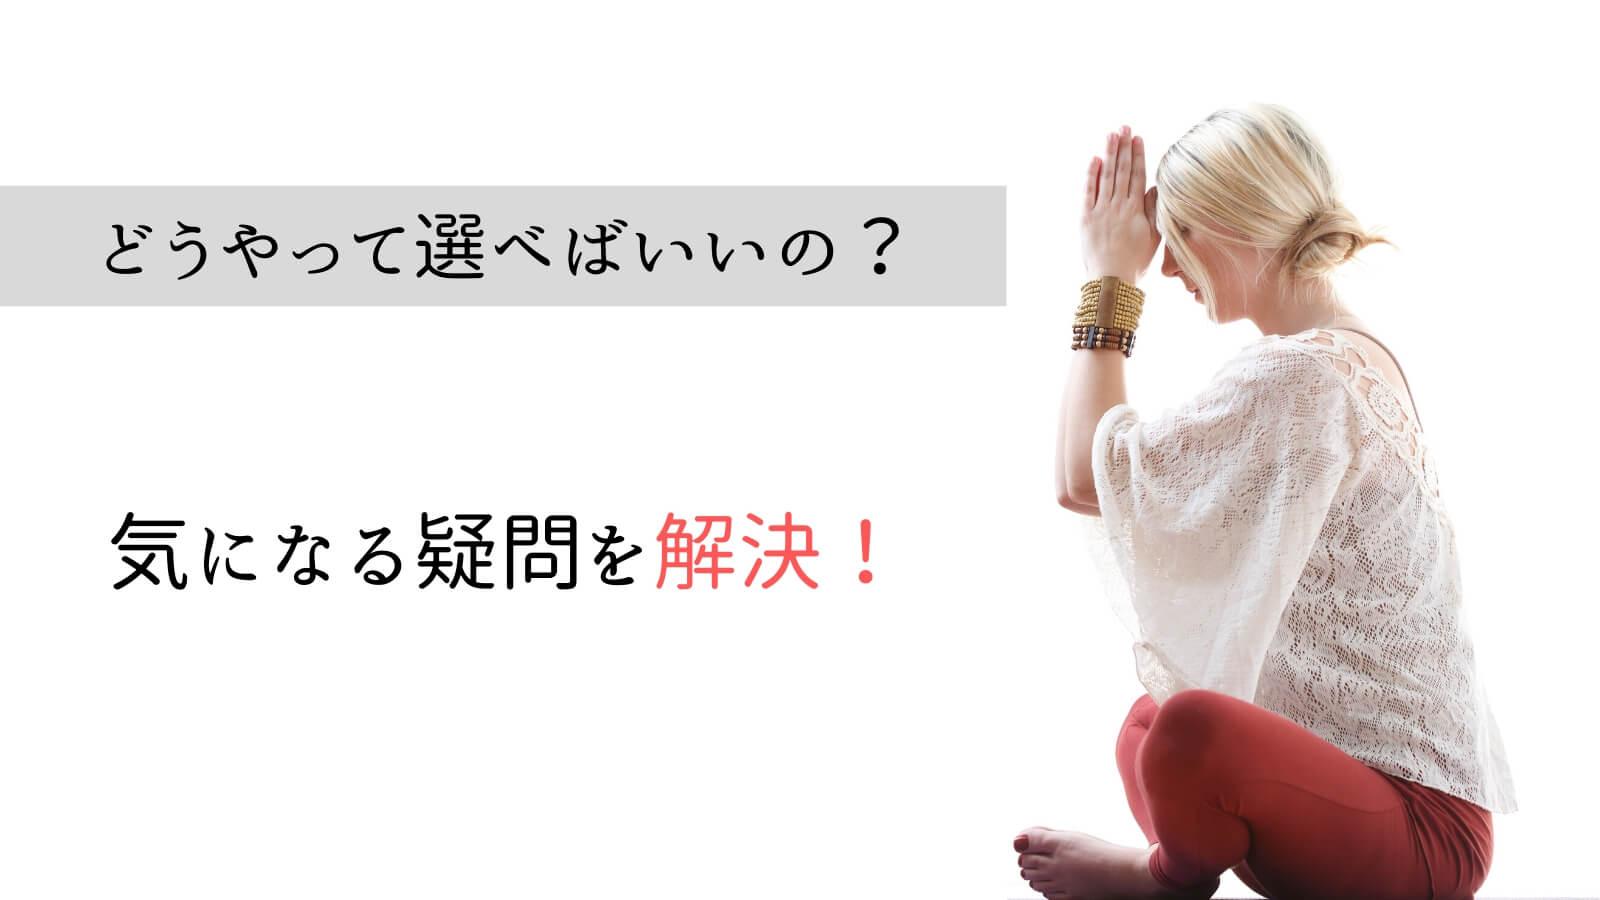 平塚市でのヨガ・ピラティススタジオ選びに関するQ&A